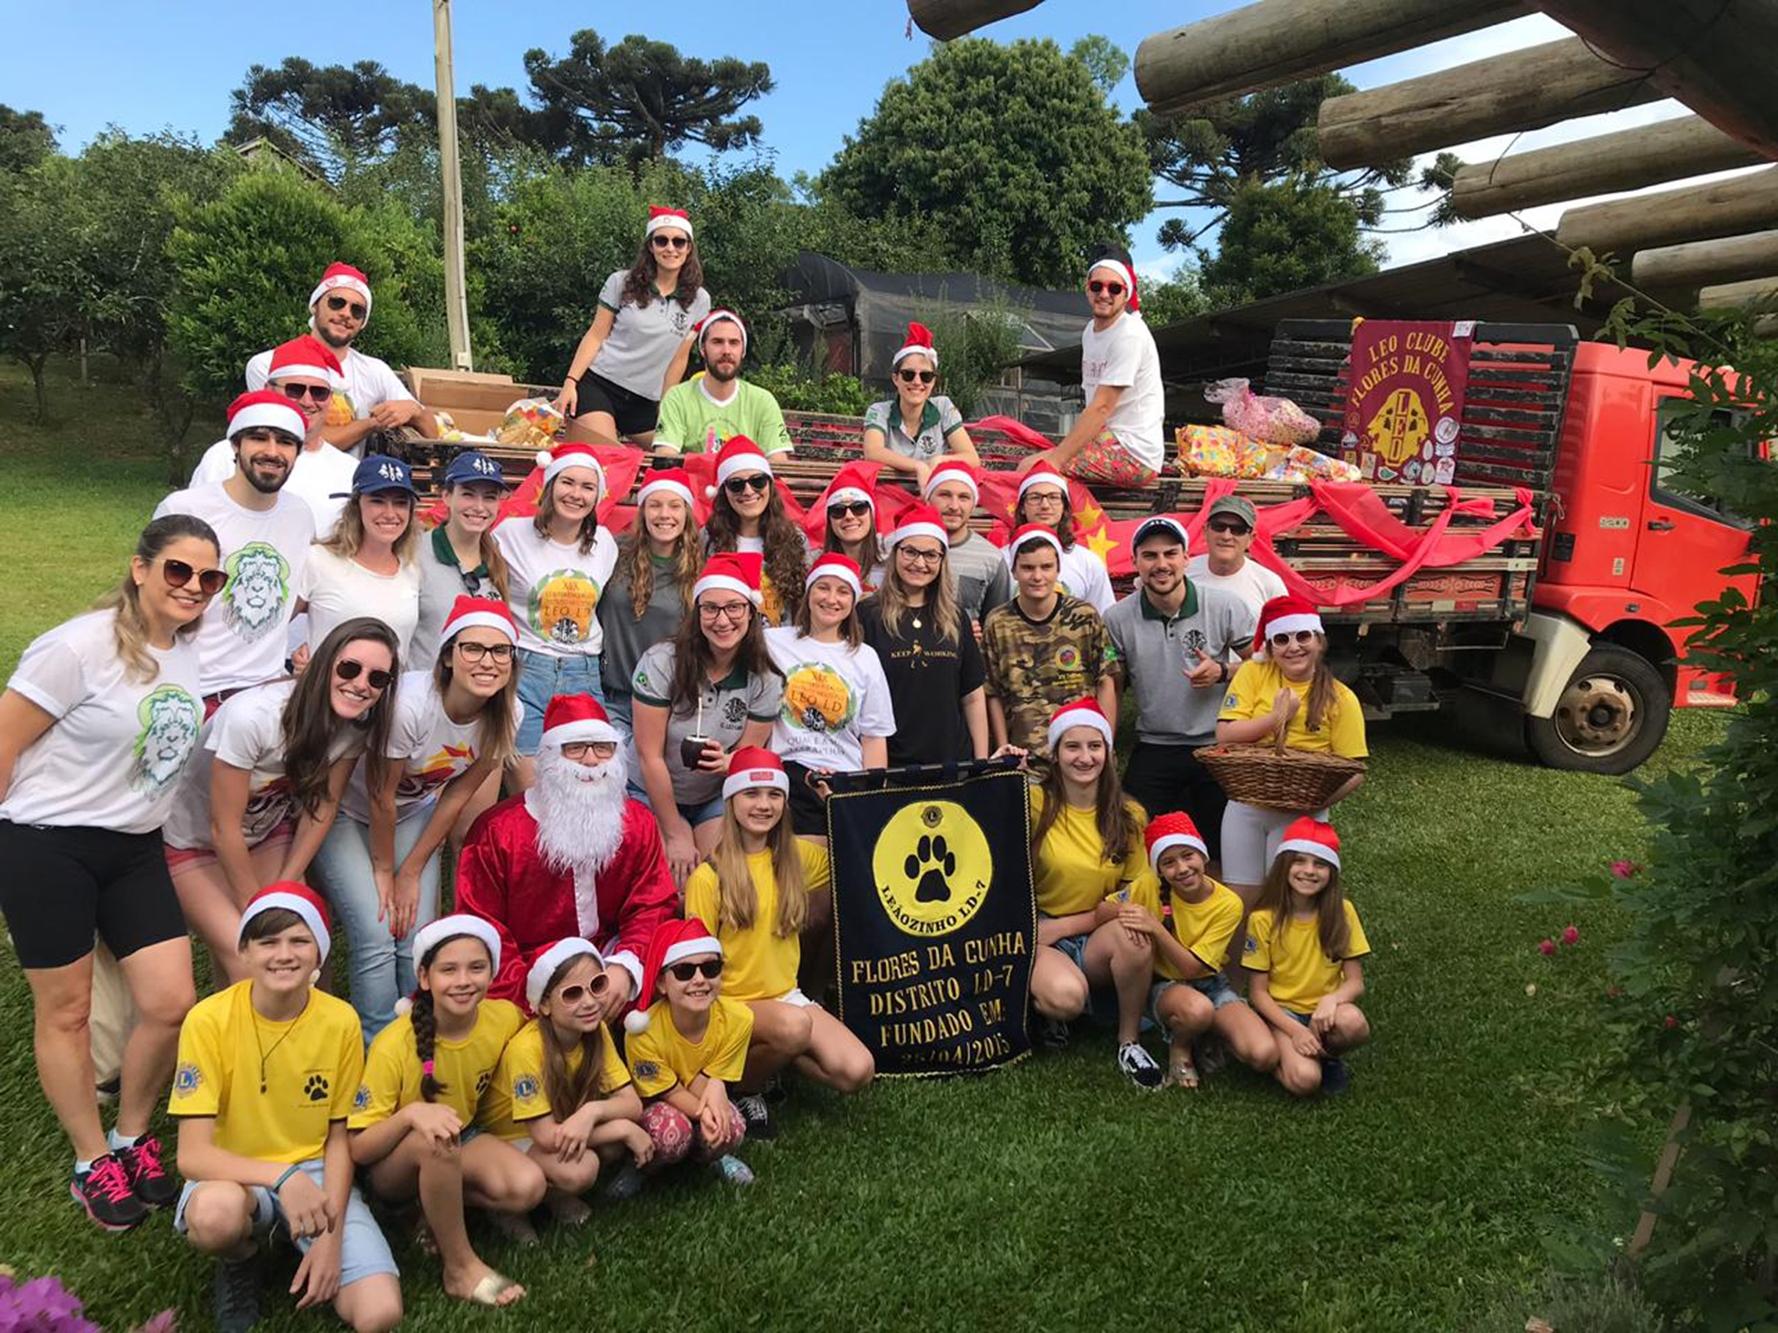 Integrantes do LEO Clube, juntamente com o Lions e os Leãozinhos, passaram por comunidades para distribuir alimentos e brinquedos.